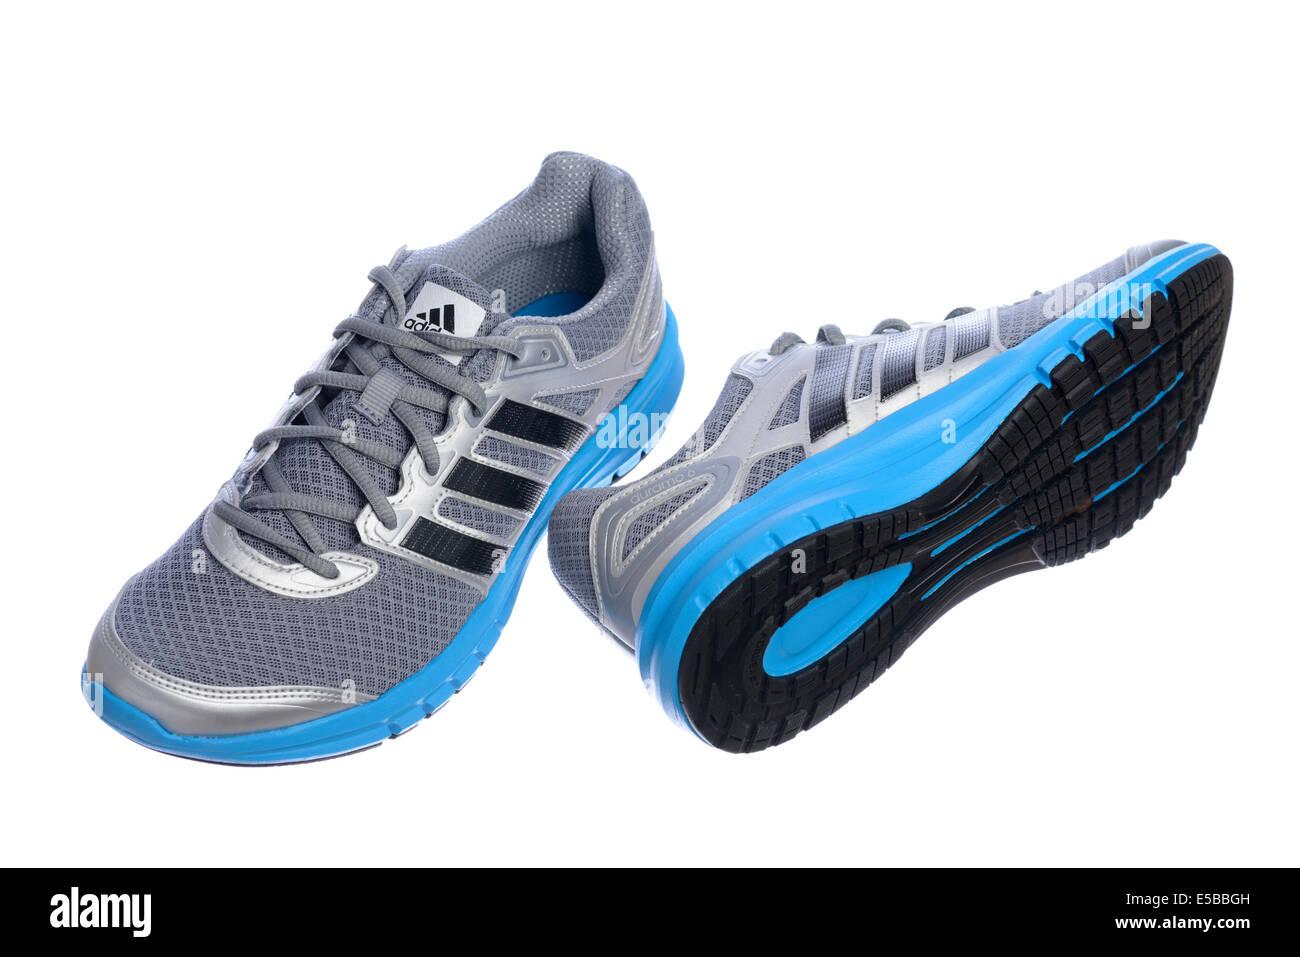 reputable site de2f9 30203 Argento e blu Adidas scarpe da corsa Immagini Stock